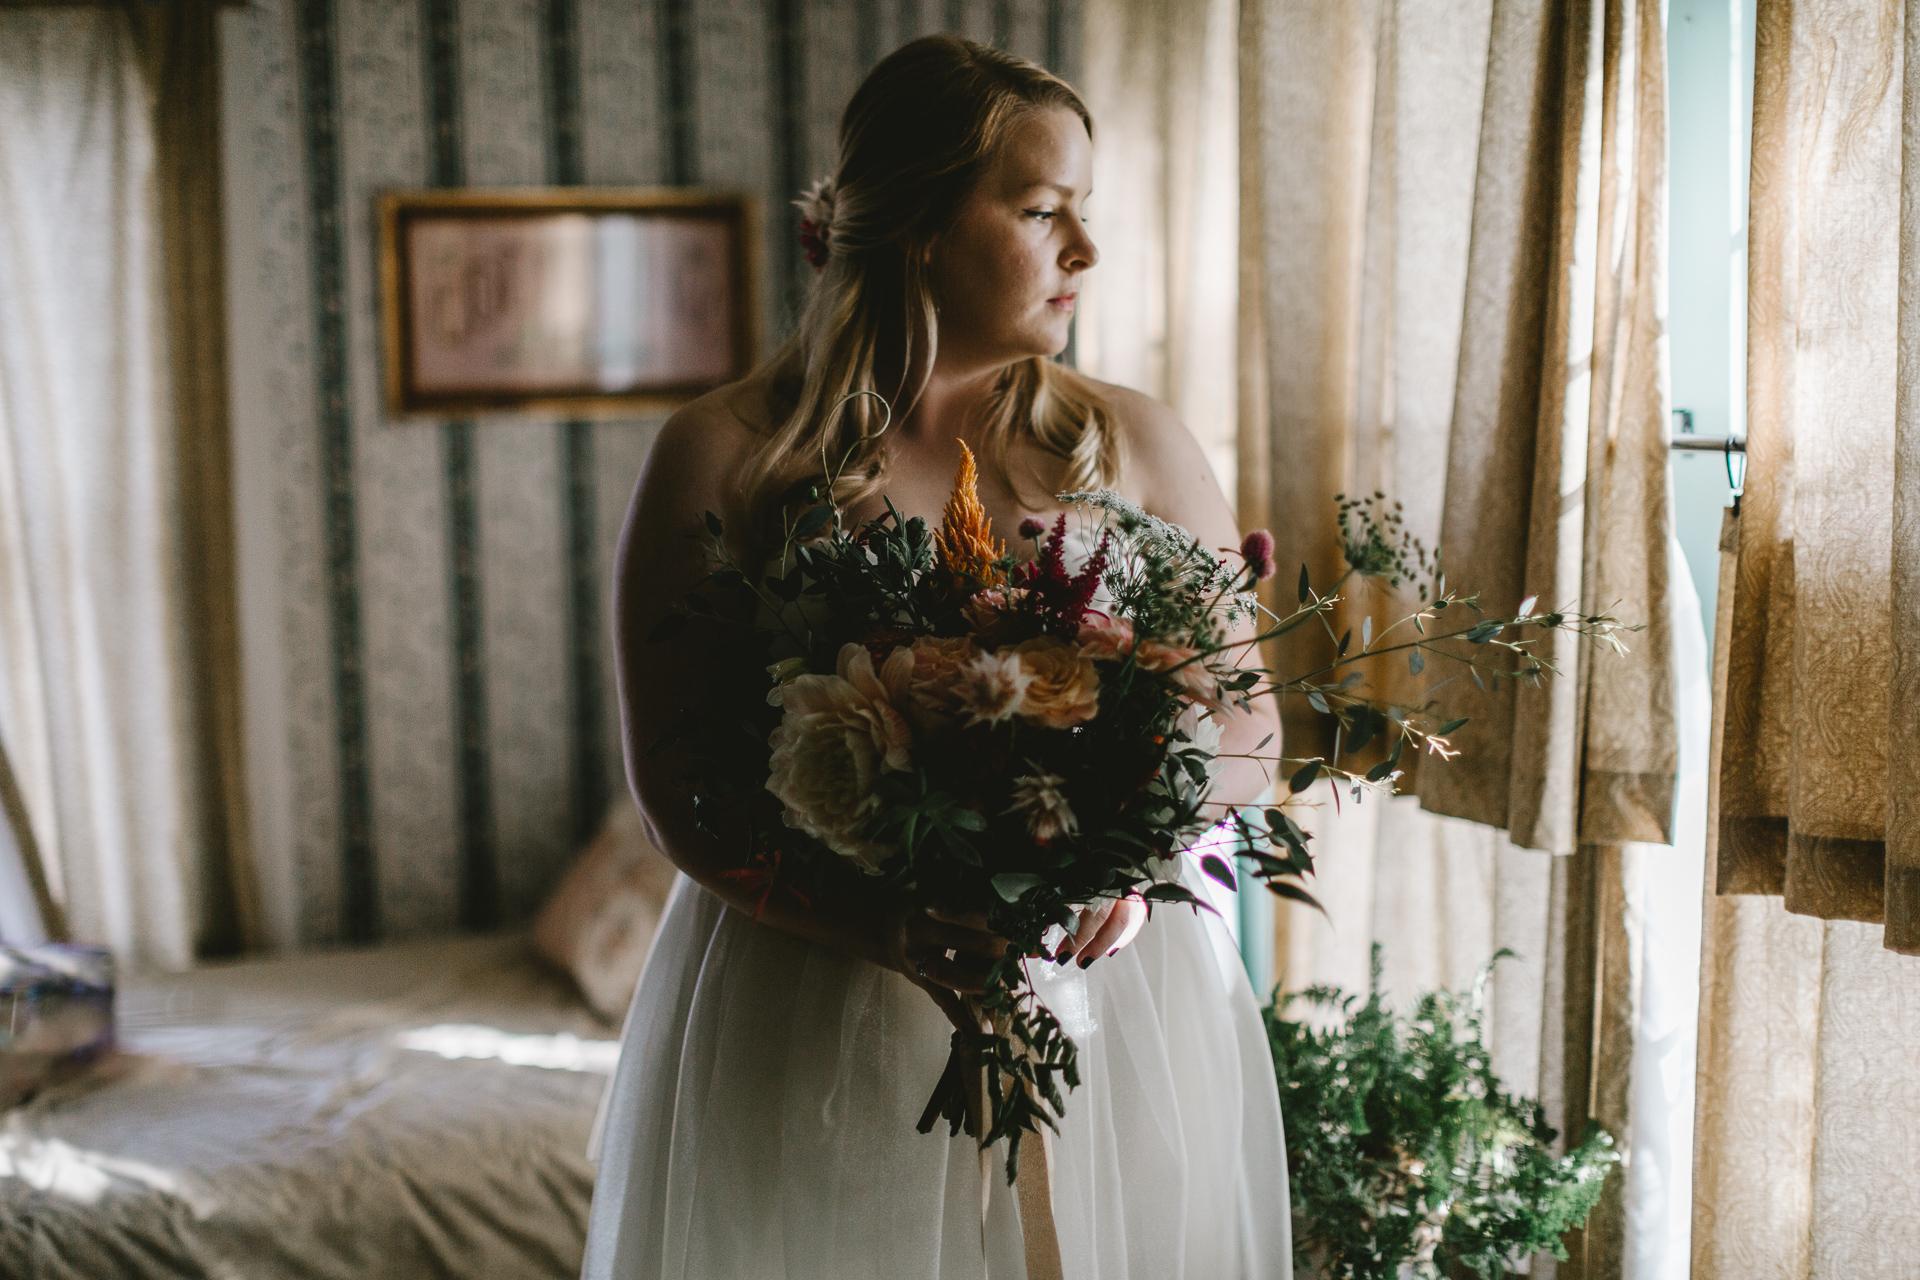 jess-hunter-tilghman-island-wedding-photographer-7522.jpg